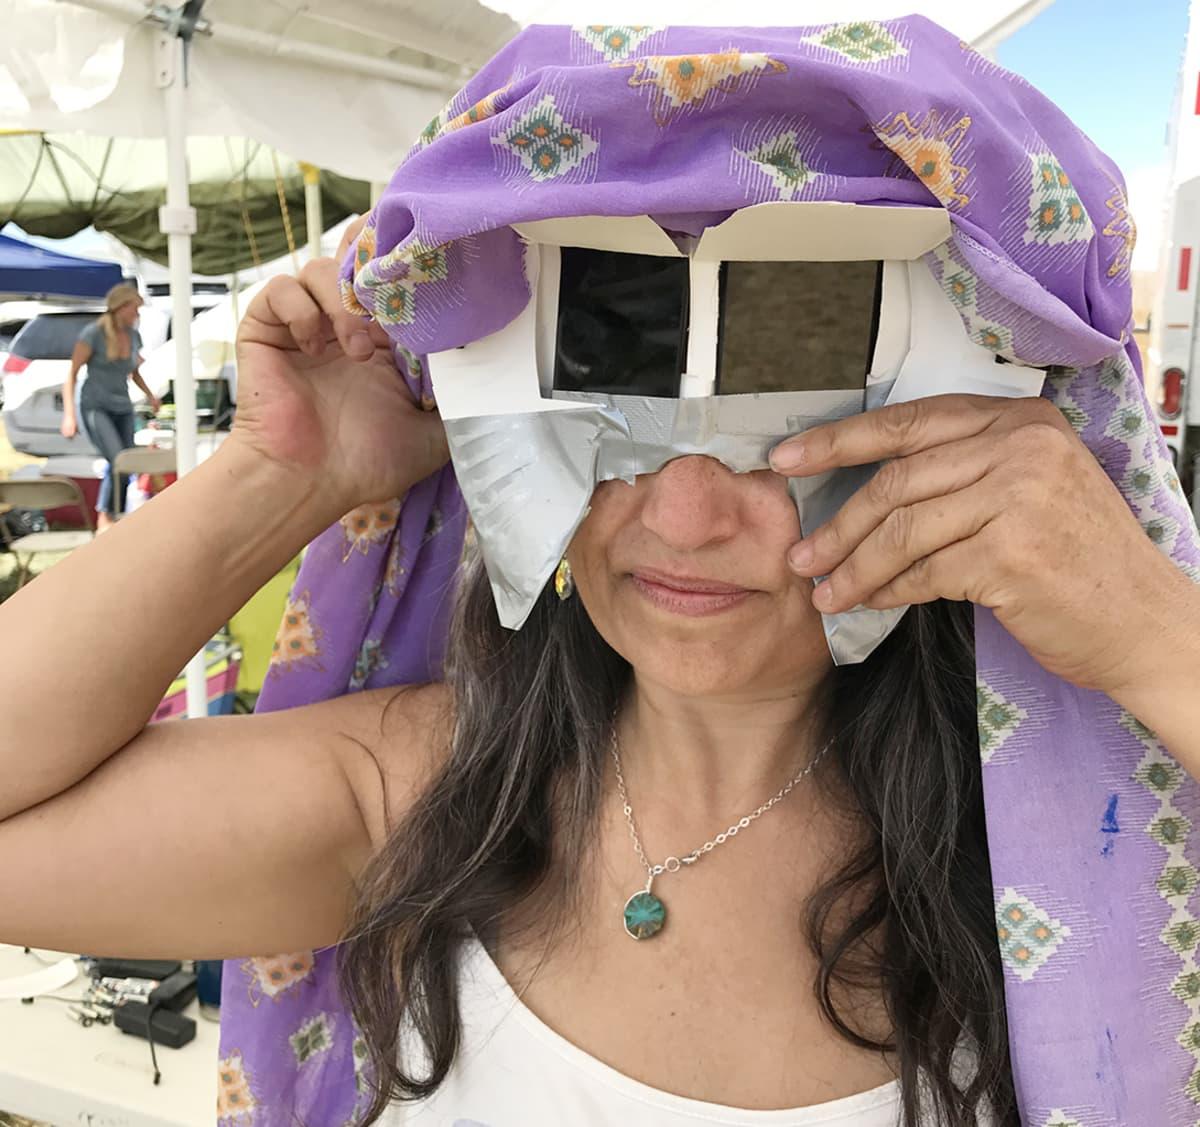 Auringonpimennyksen aikaan tarvitsee suojalaseja. Monet askartelevat sellaisen itse.